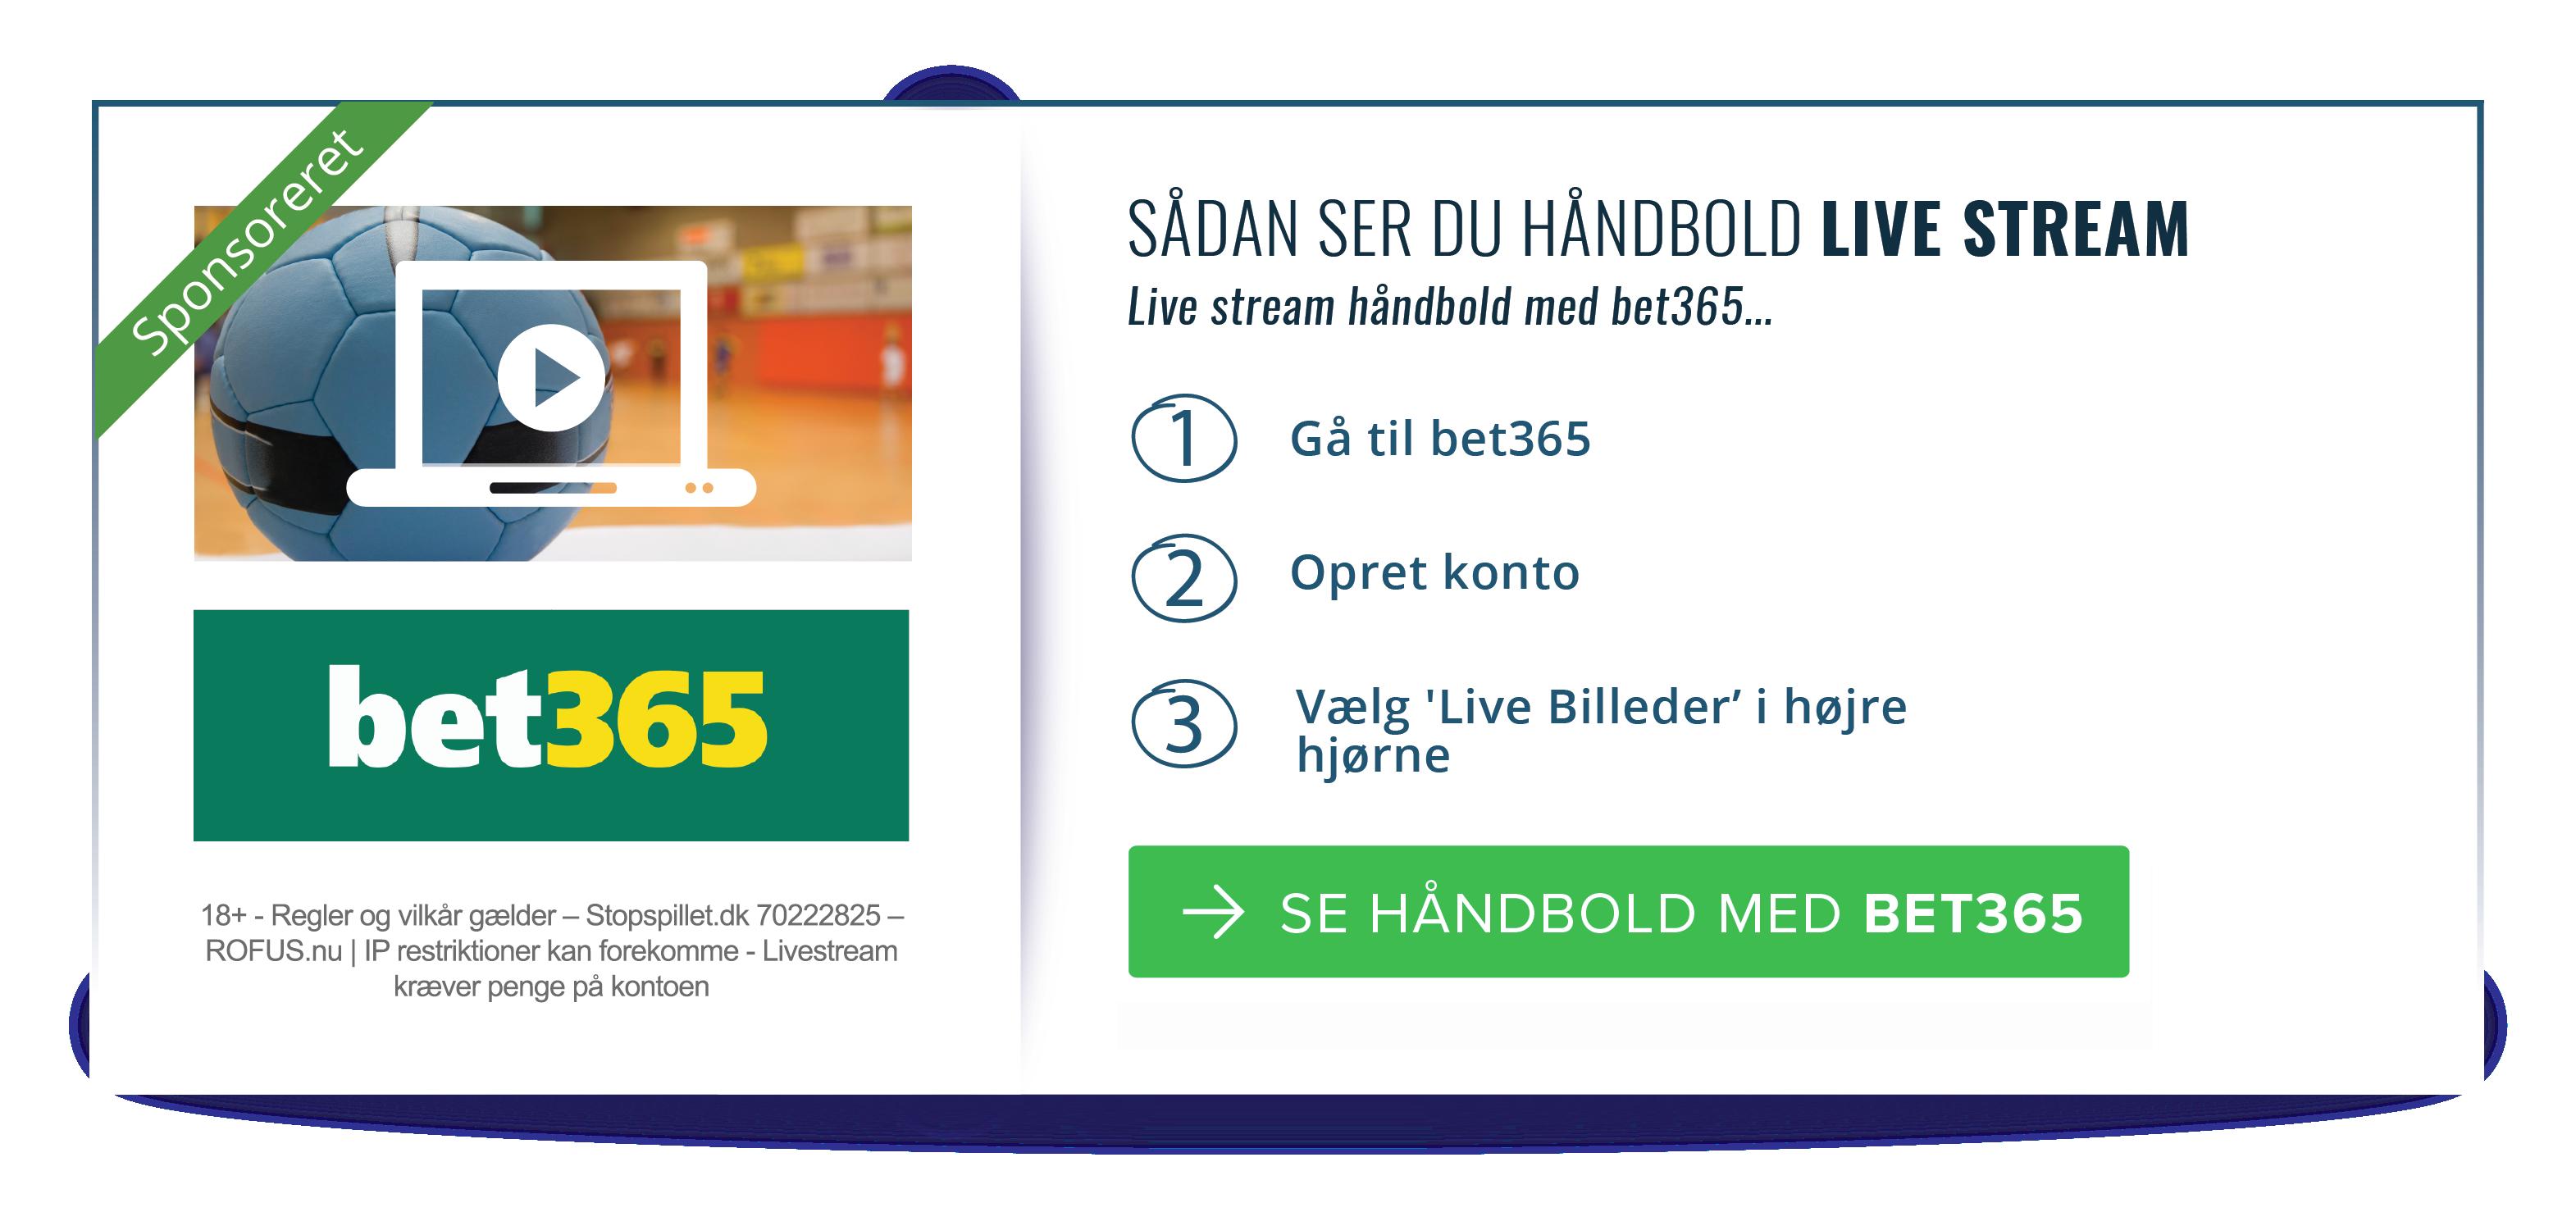 bet365 håndbold